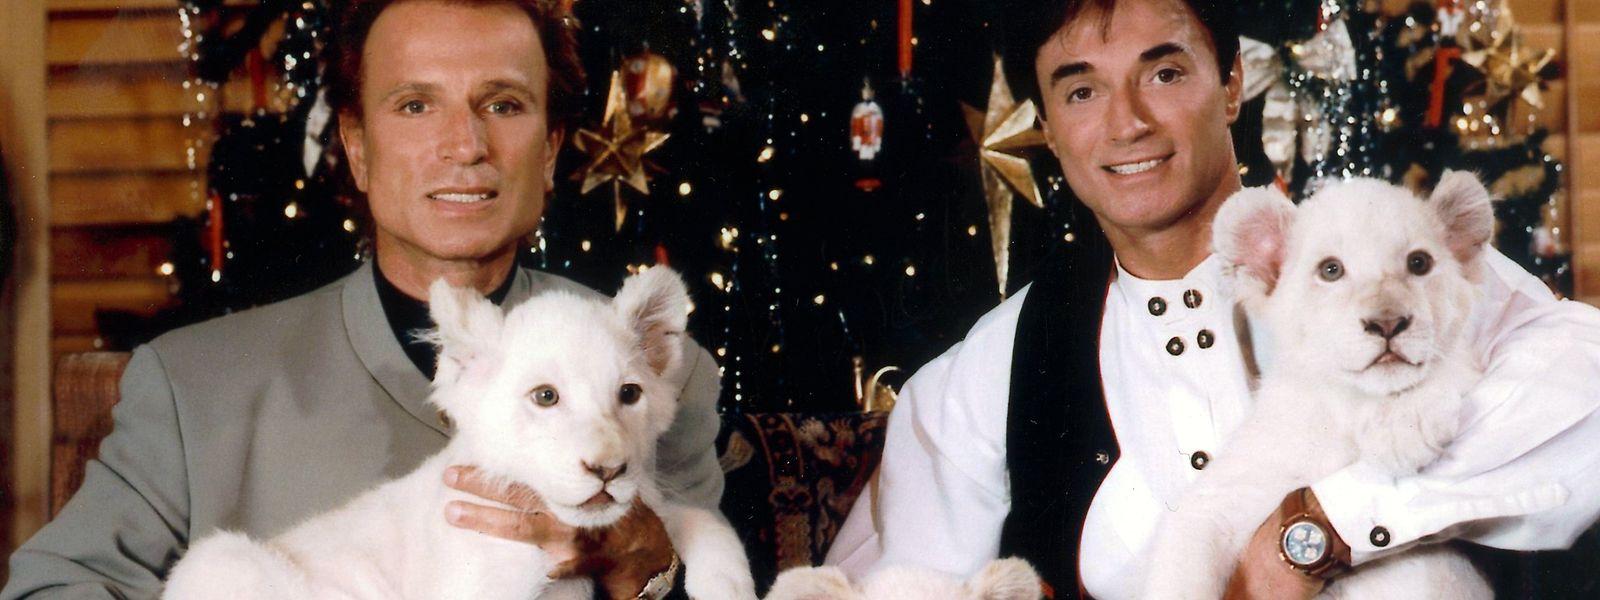 Die deutschen Magier Siegfried (l) und Roy im Dezember 1999 in Las Vegas.